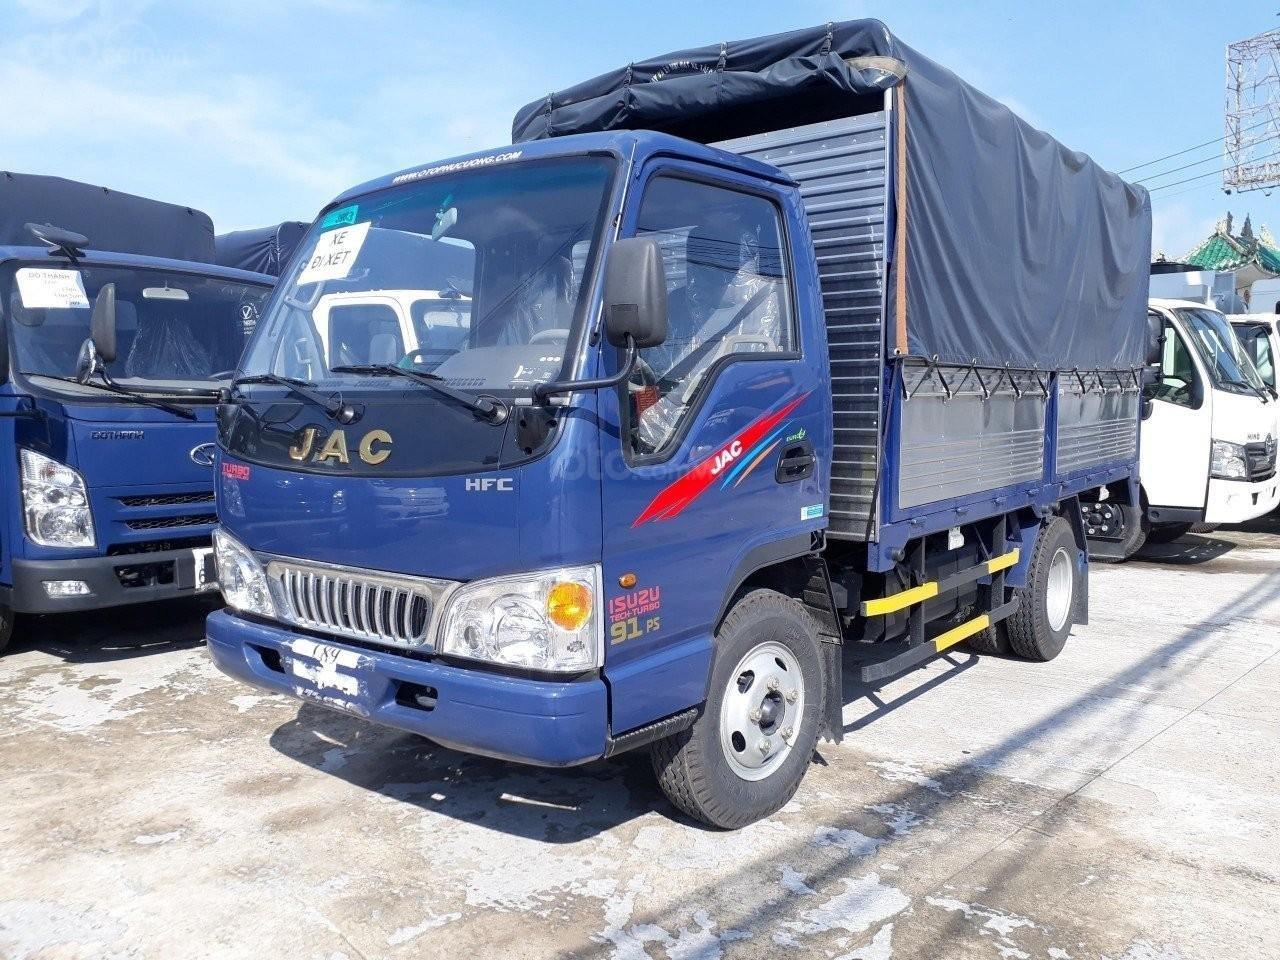 Bán xe máy Isuzu 2t4 thùng 4.4 mét xe mới lắp ráp tại NM JAC Việt Nam-0